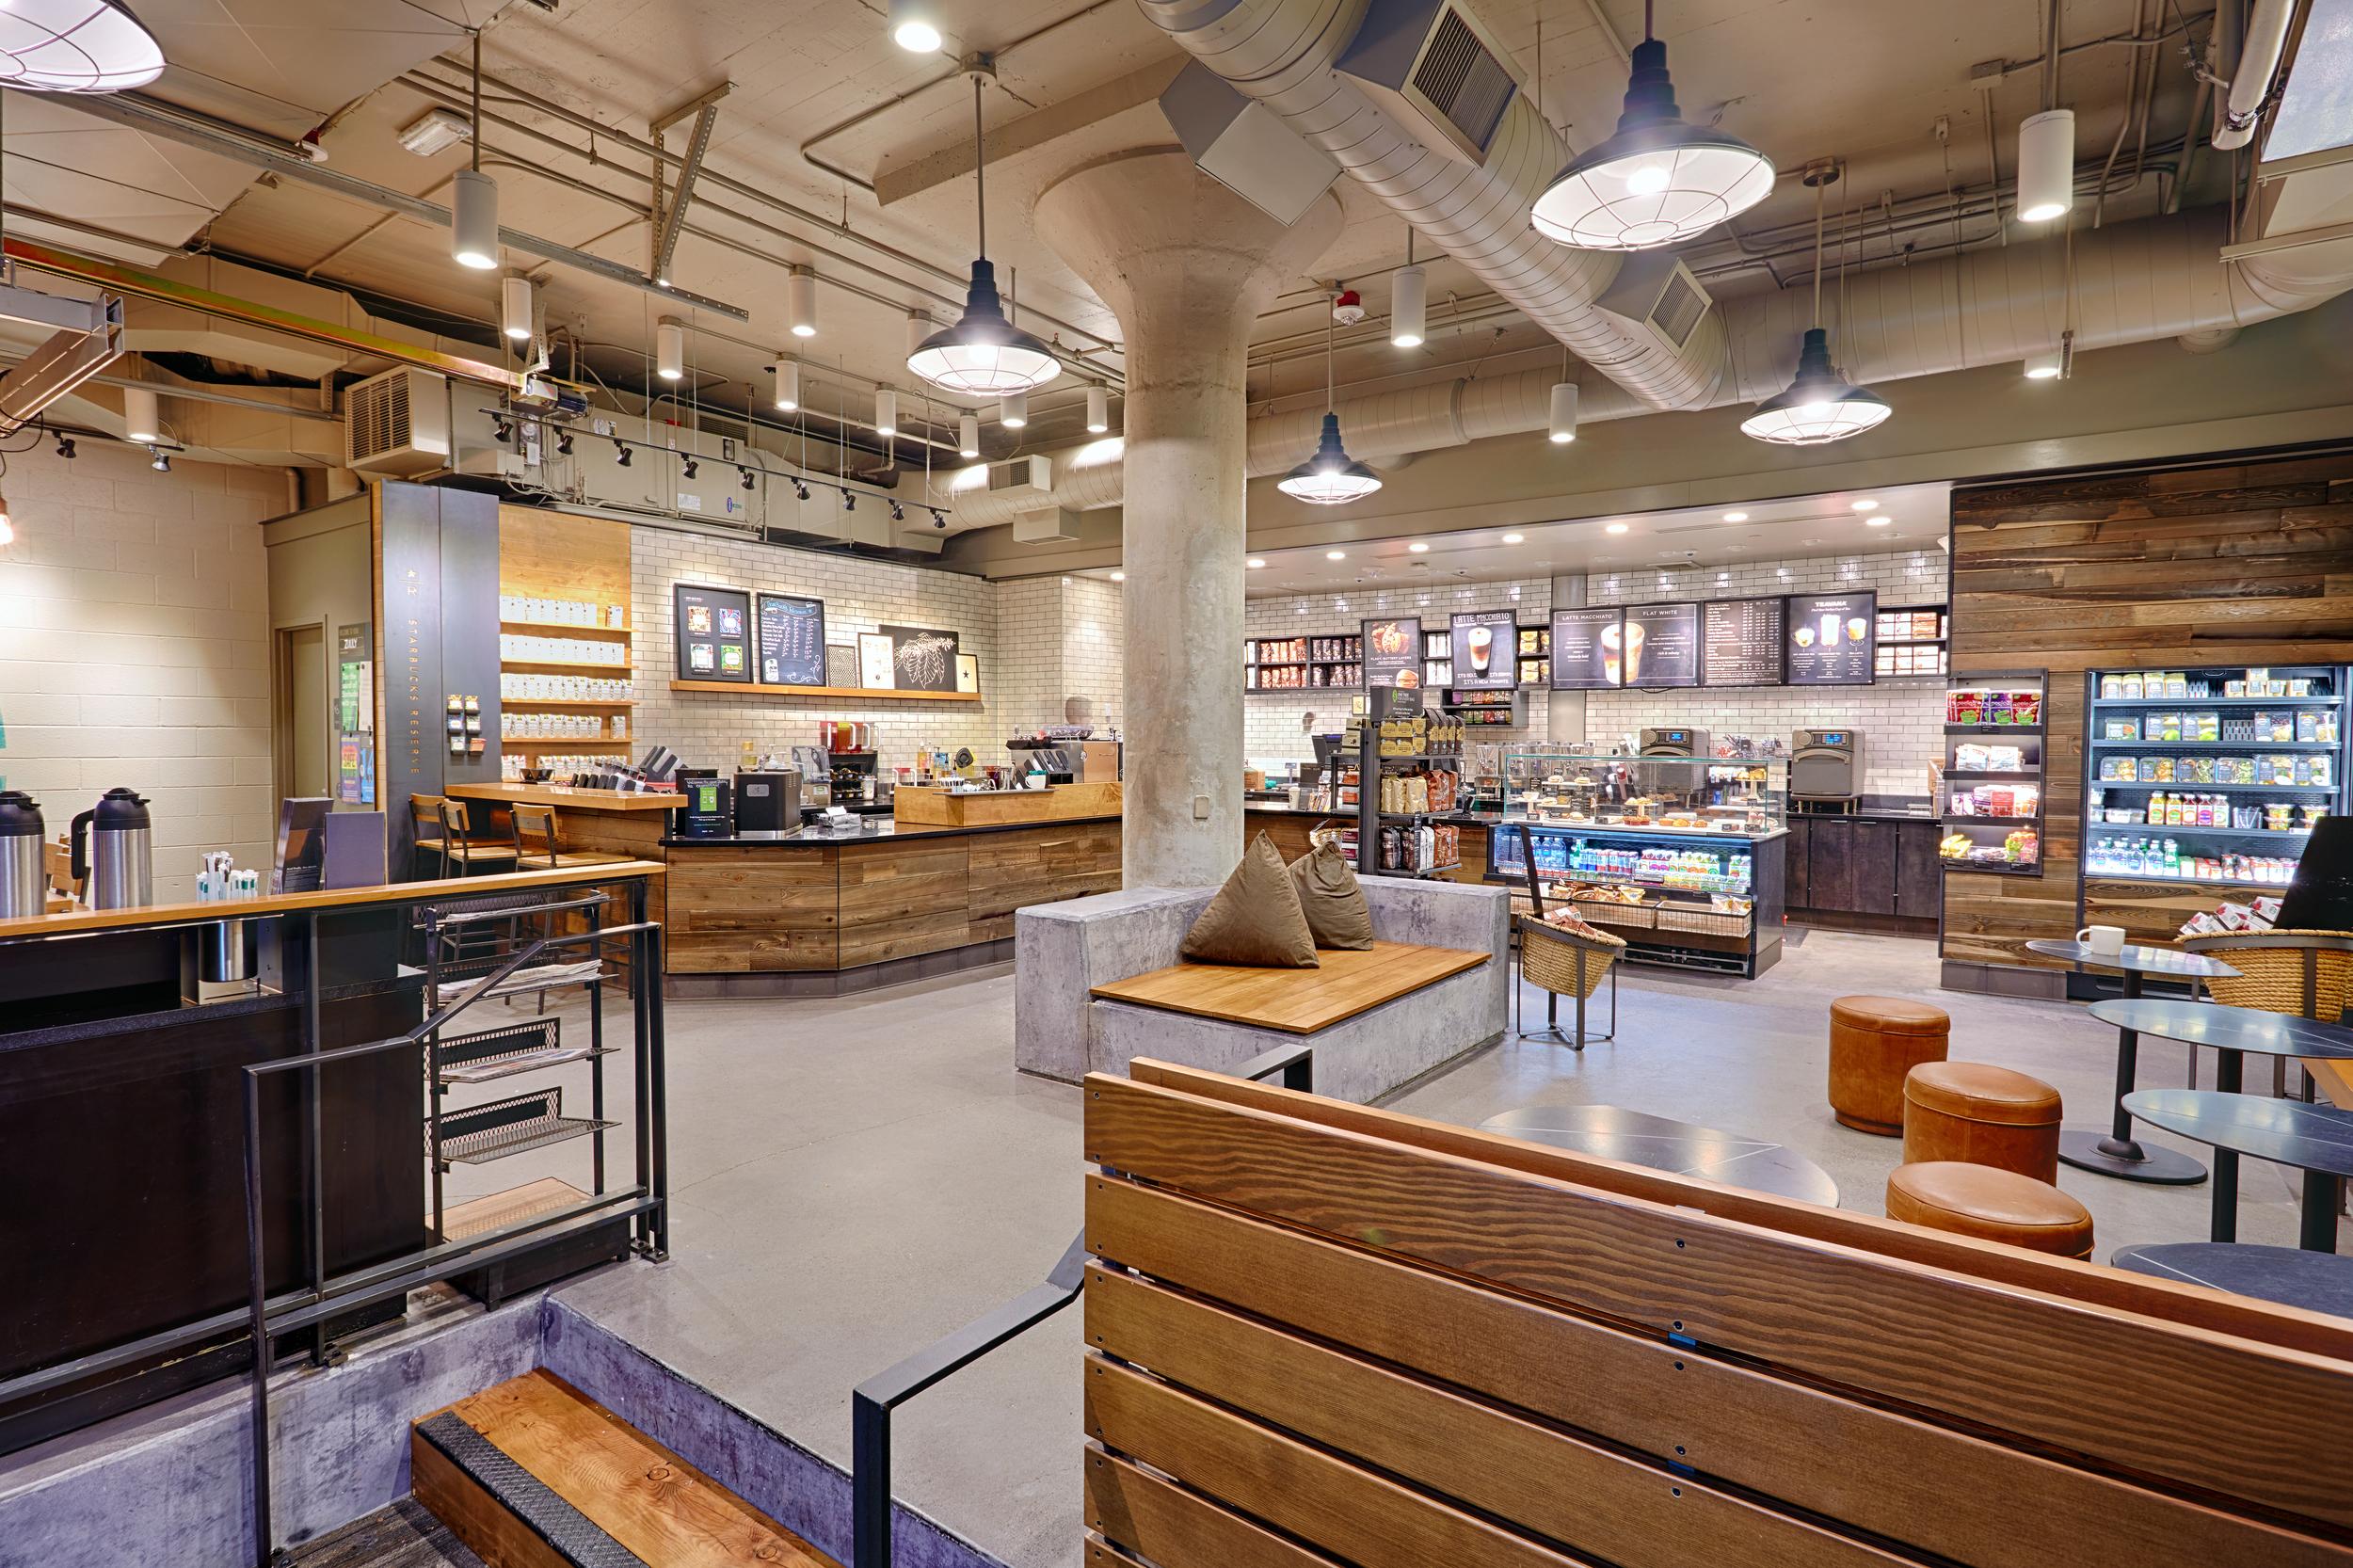 Starbucks - Zulily HQ, Seattle, WA